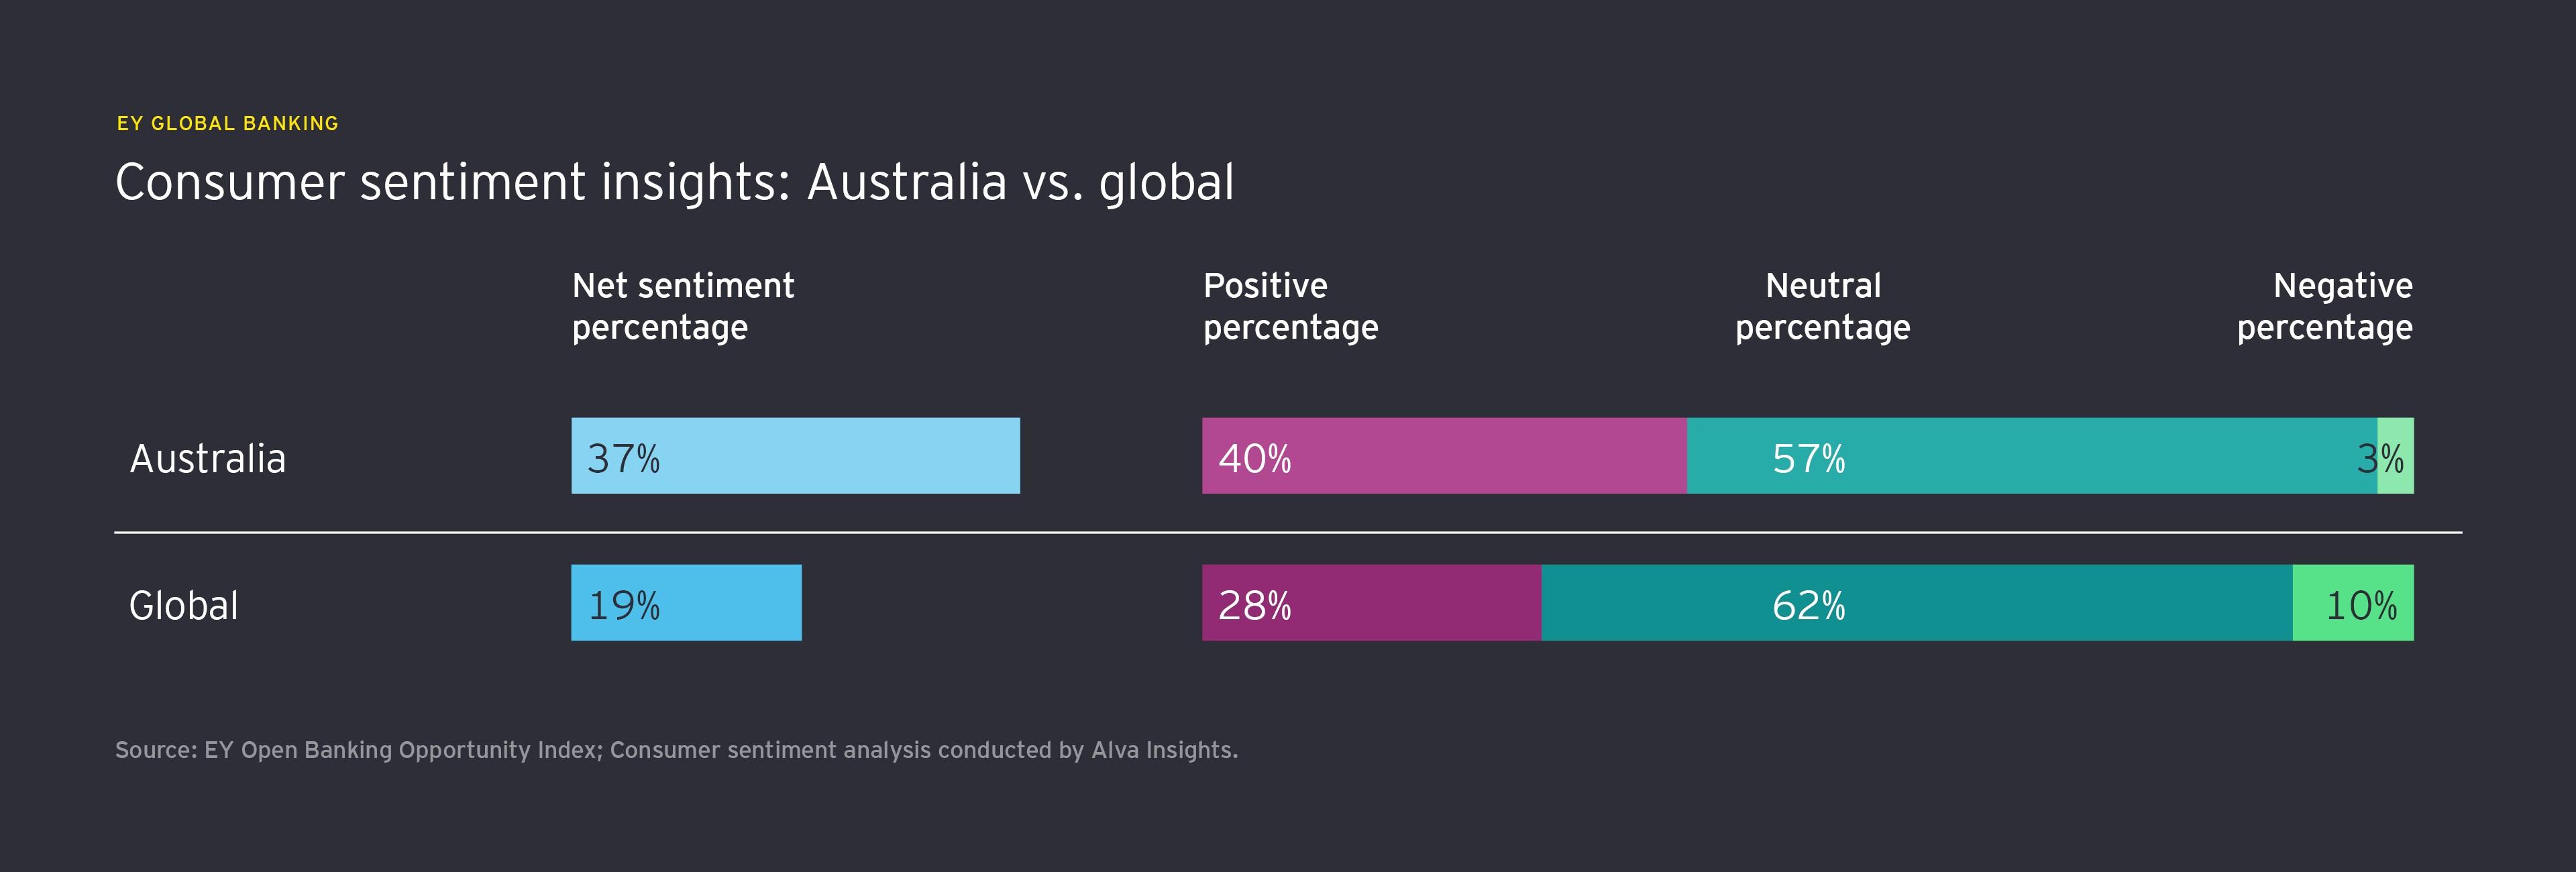 Consumer sentiments insights: Australia vs. global info graph